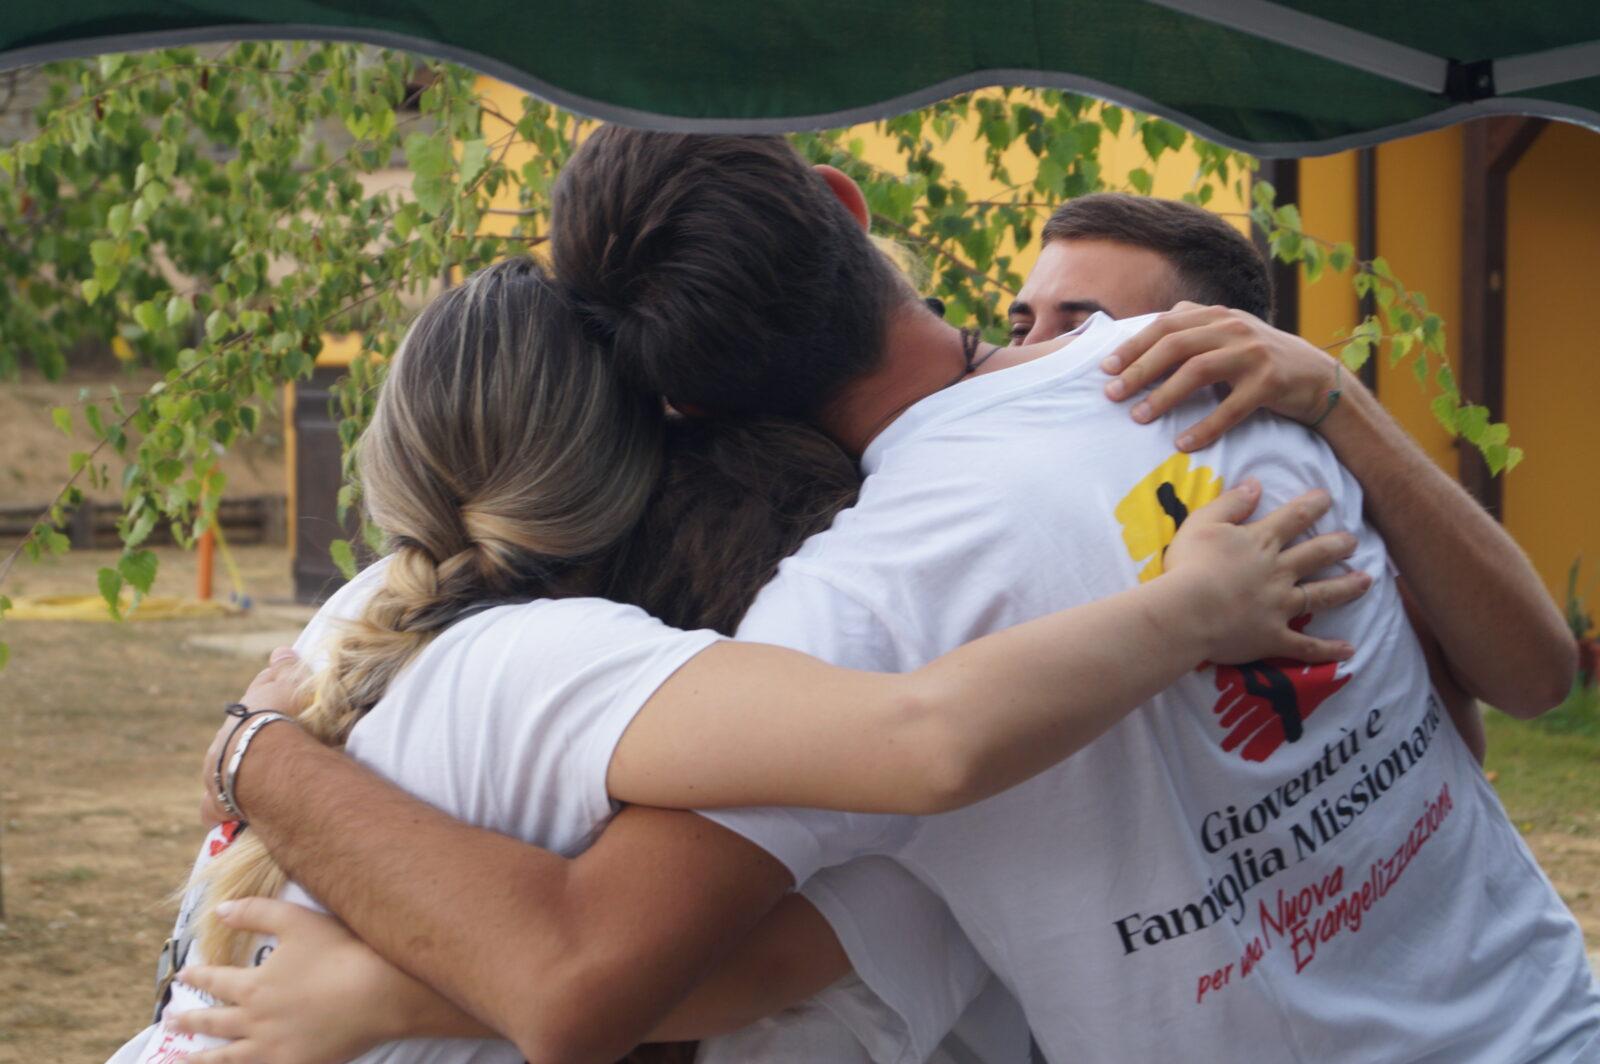 Studenti in missione per portare gioia e speranza